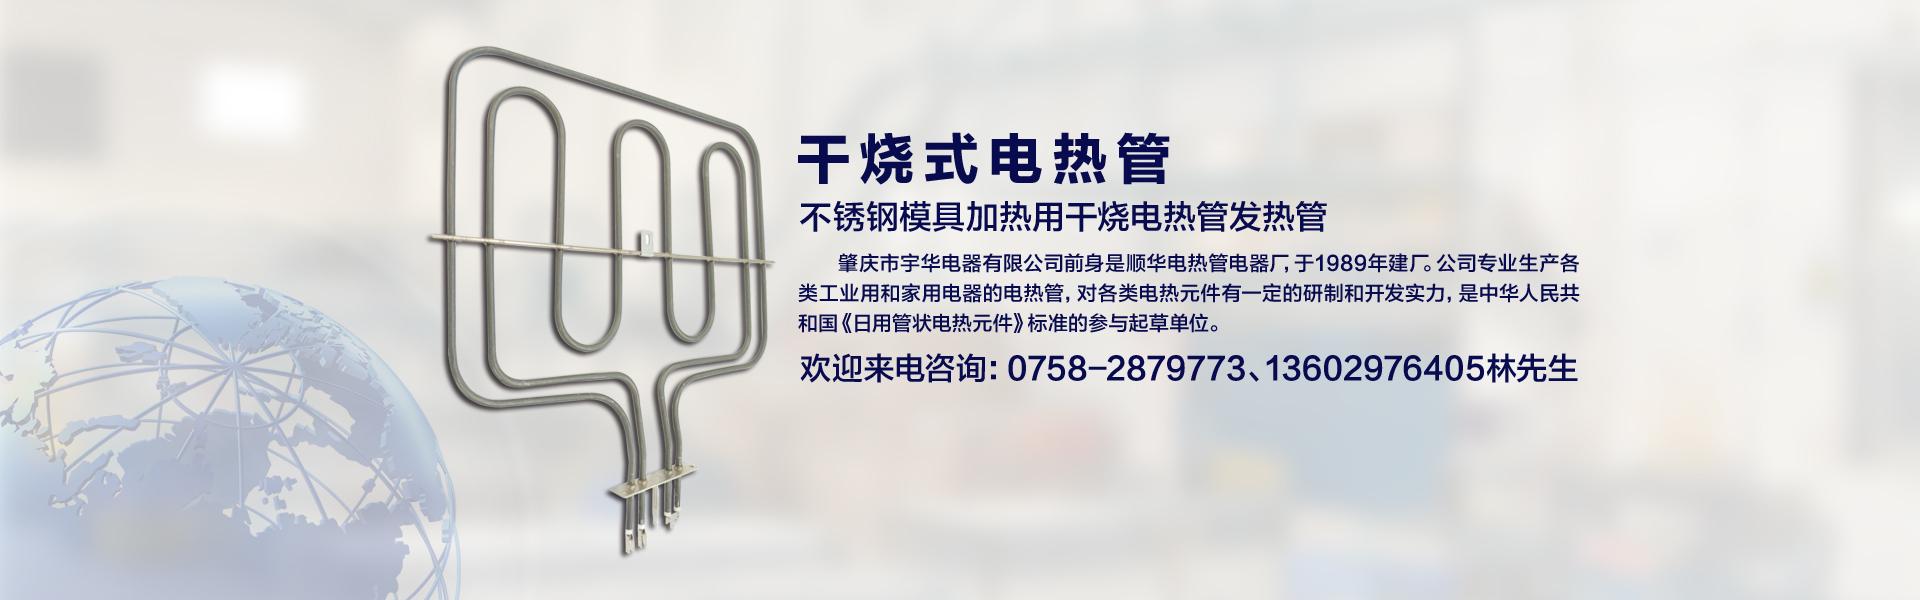 www.536488.com专业生产干烧式电热管,单头电热管和不锈钢电加热管。